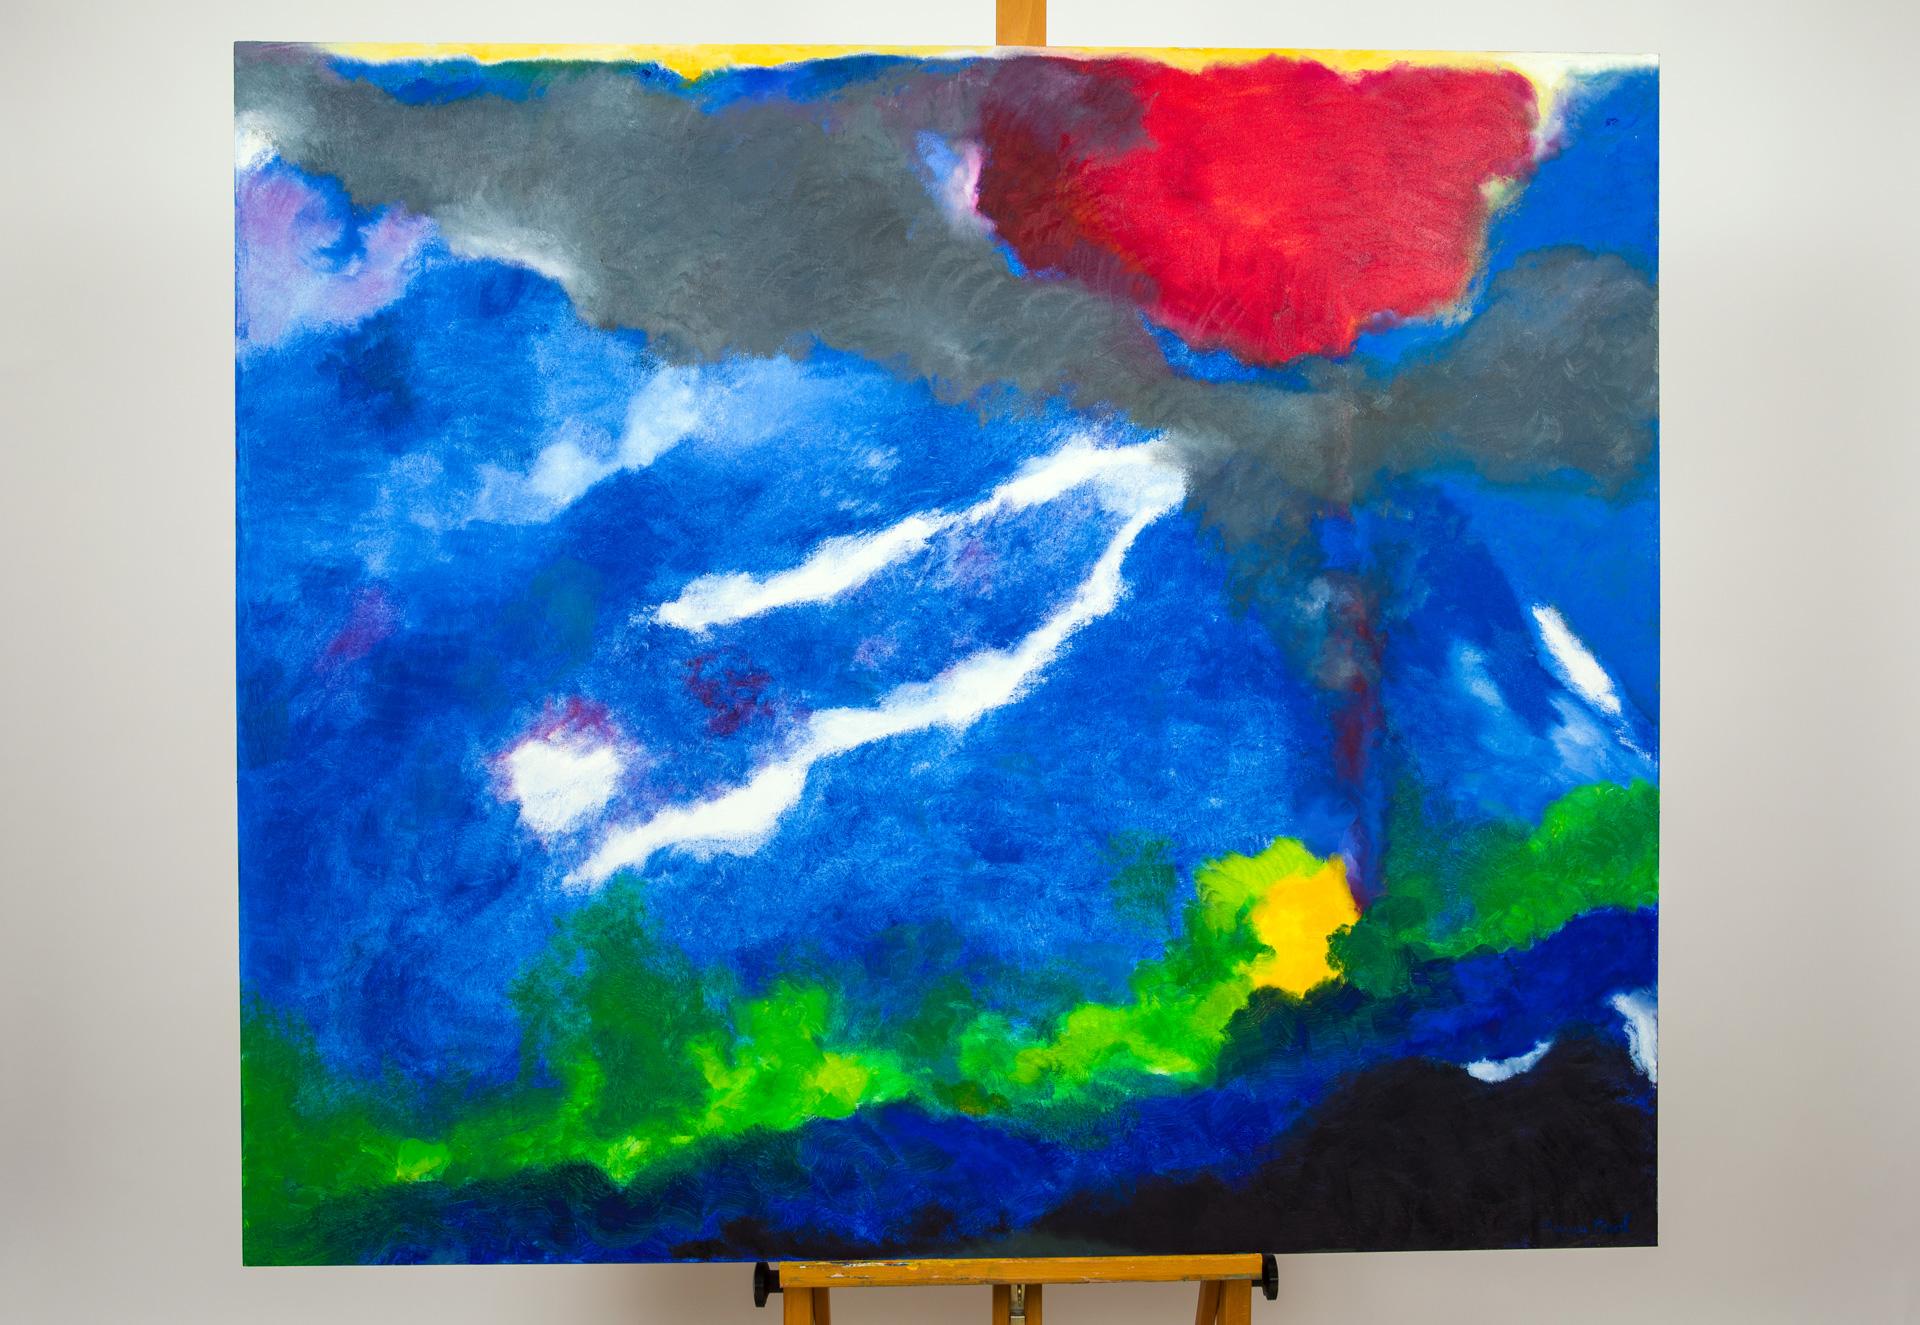 Maryse Casol, painting Ceci N'est Pas Un Arbre IX, 2014